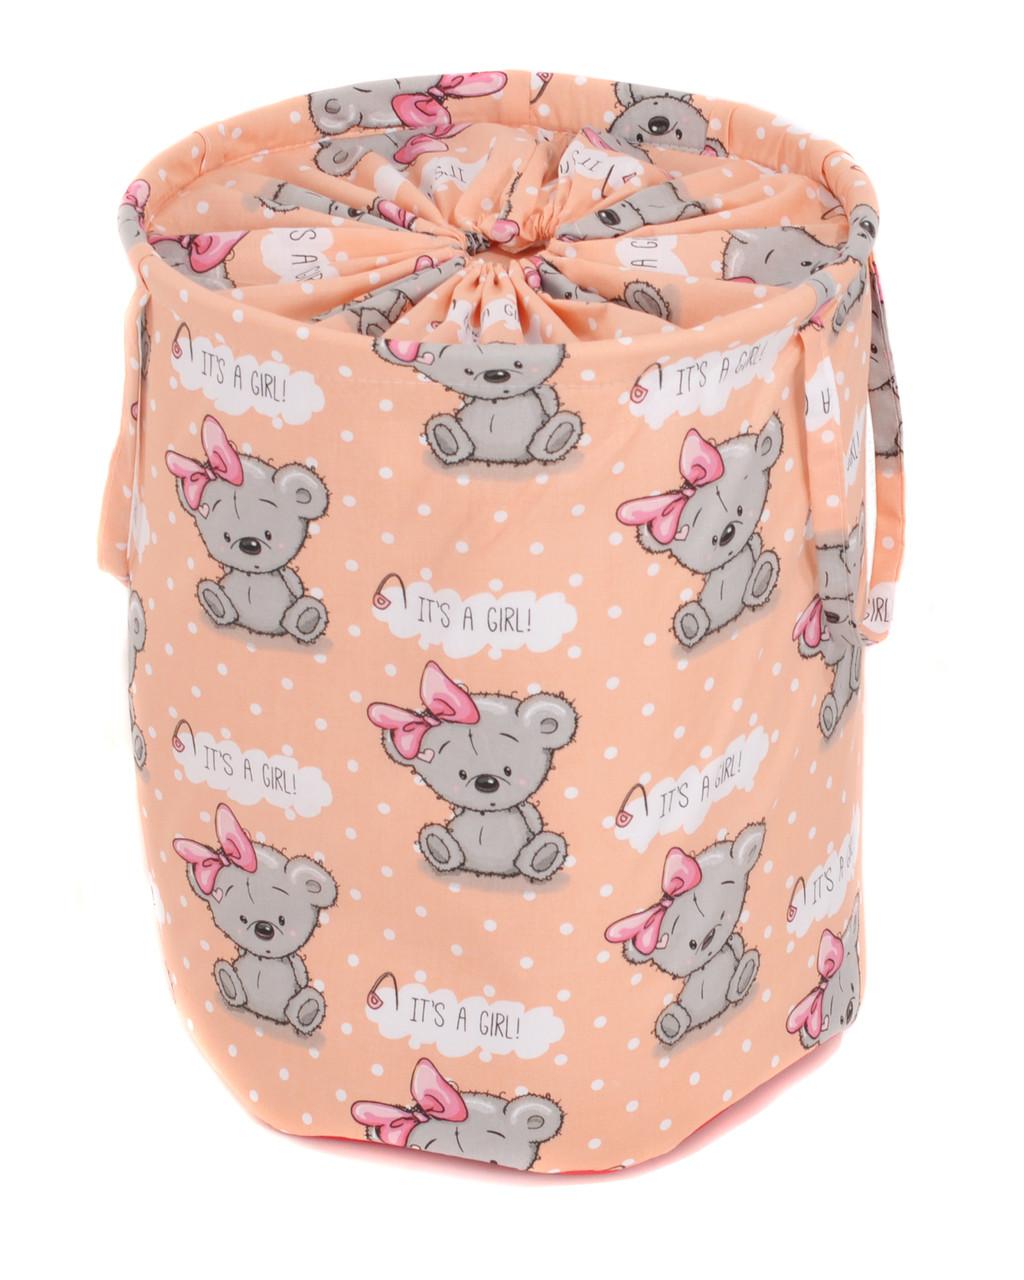 Мешок для хранения игрушек, 35 * 40 см, (хлопок), Мишка девочка на оранжевом